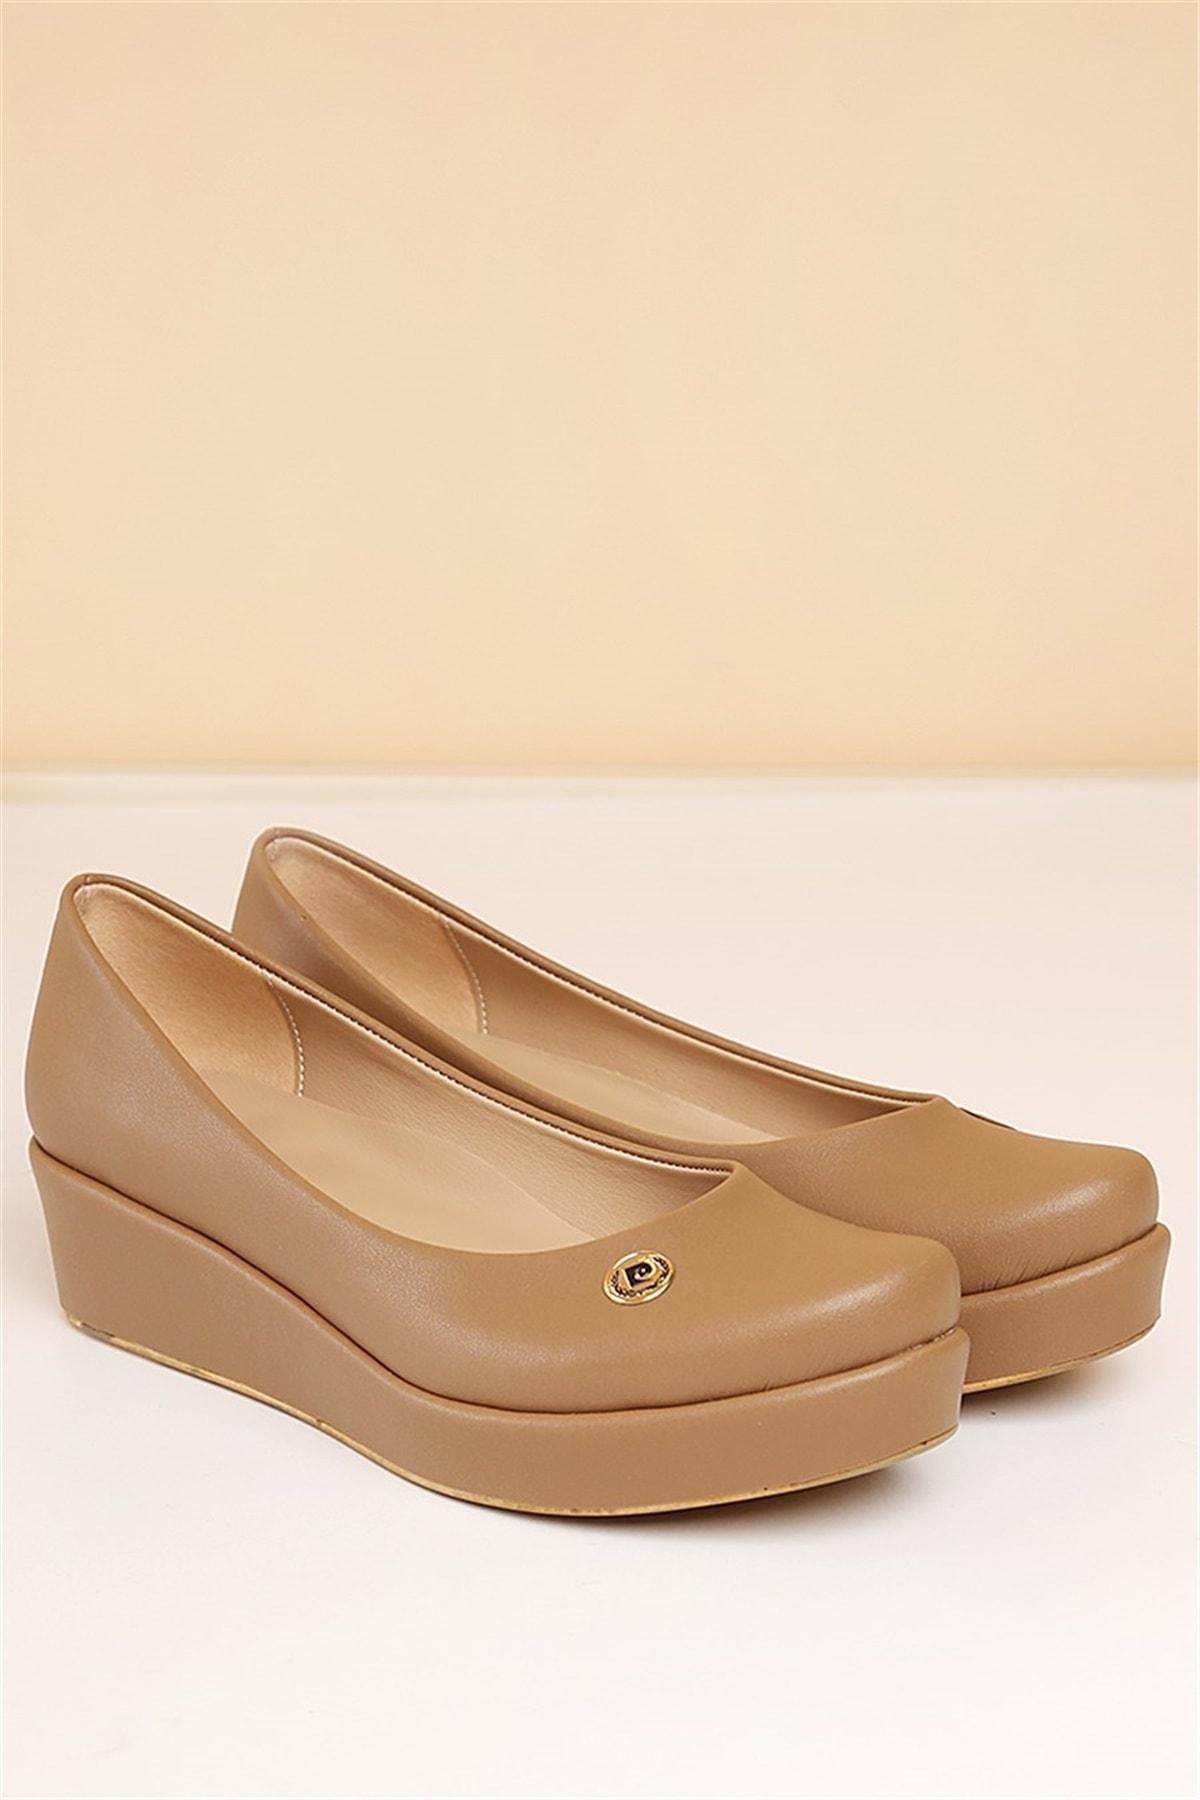 Pierre Cardin Kadın Günlük Ayakkabı-vizon